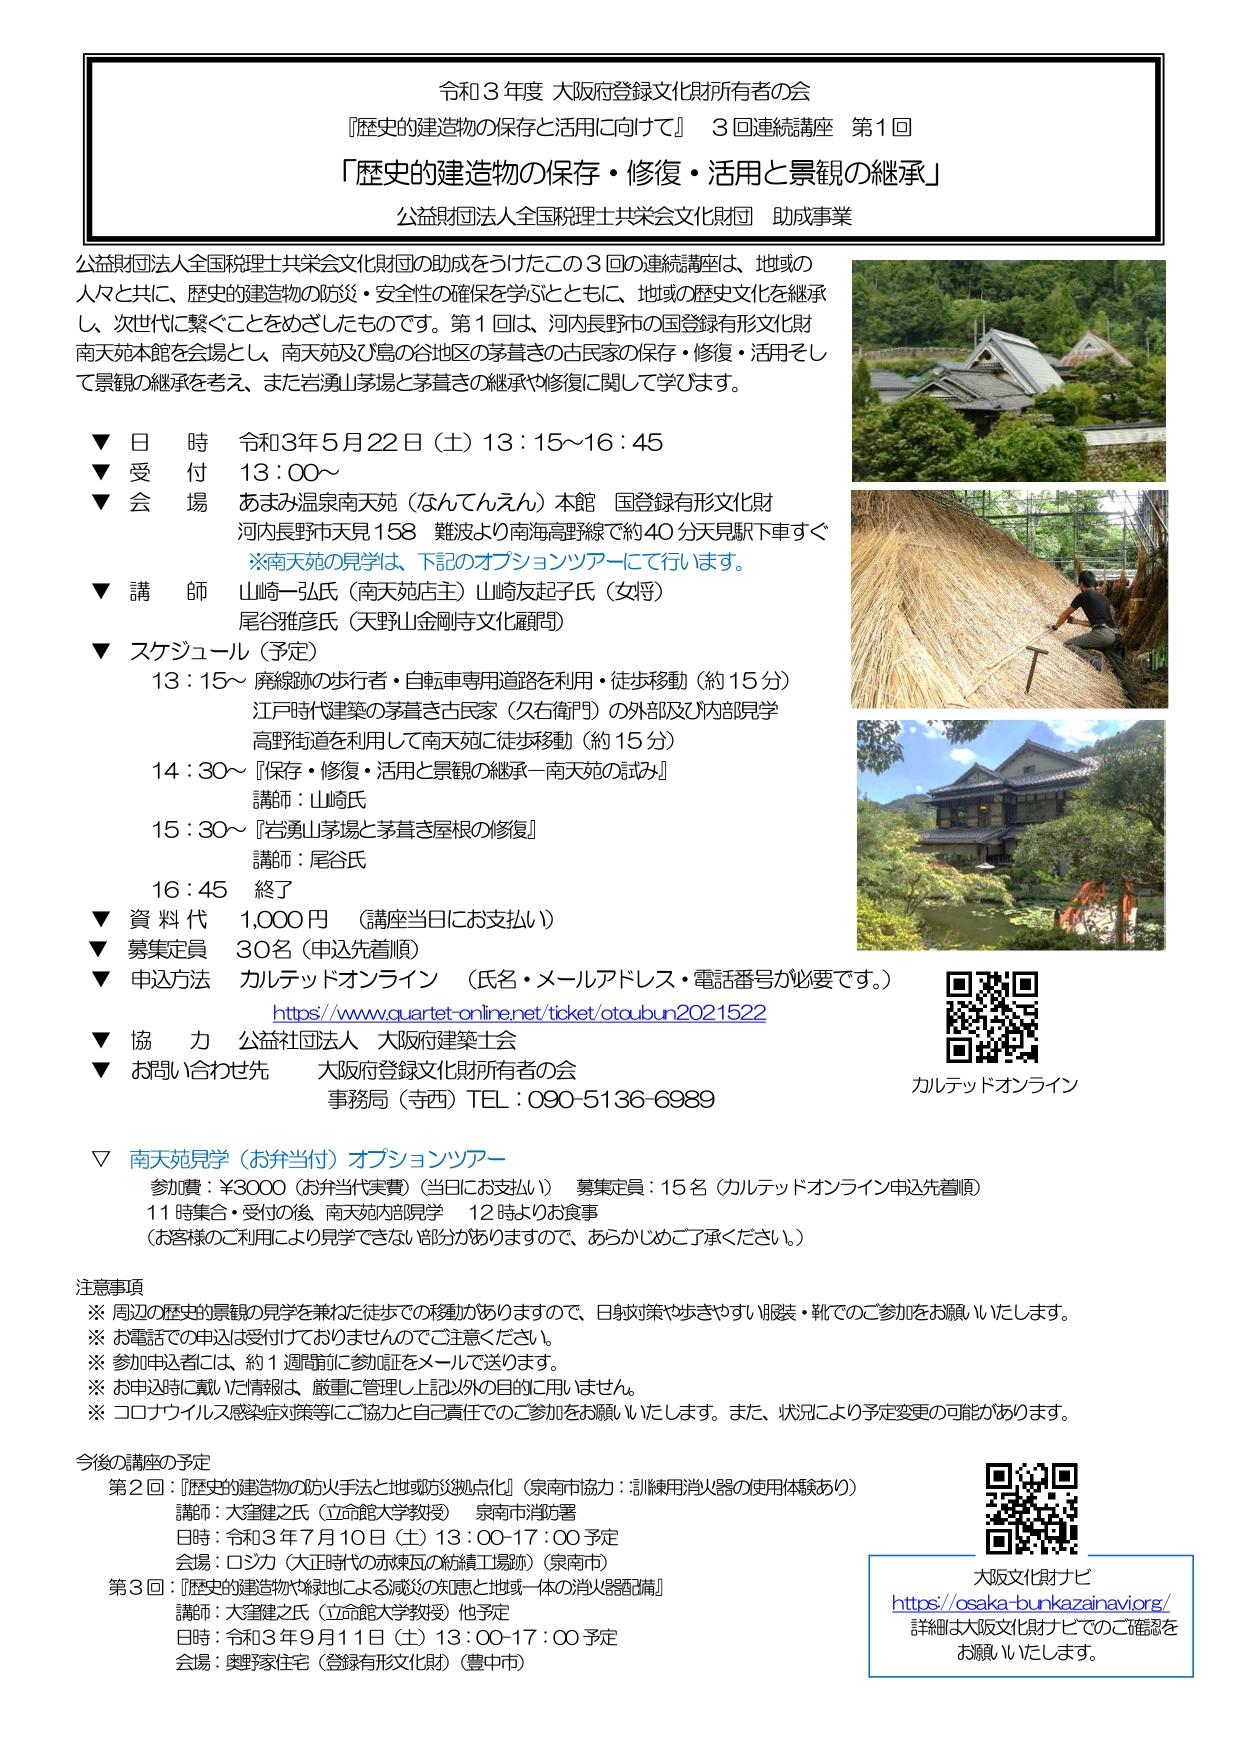 5月22日(土) 「歴史的建造物の保存と活用に向けて」~歴史的建造物の保存・修復・活用と景観の継承~